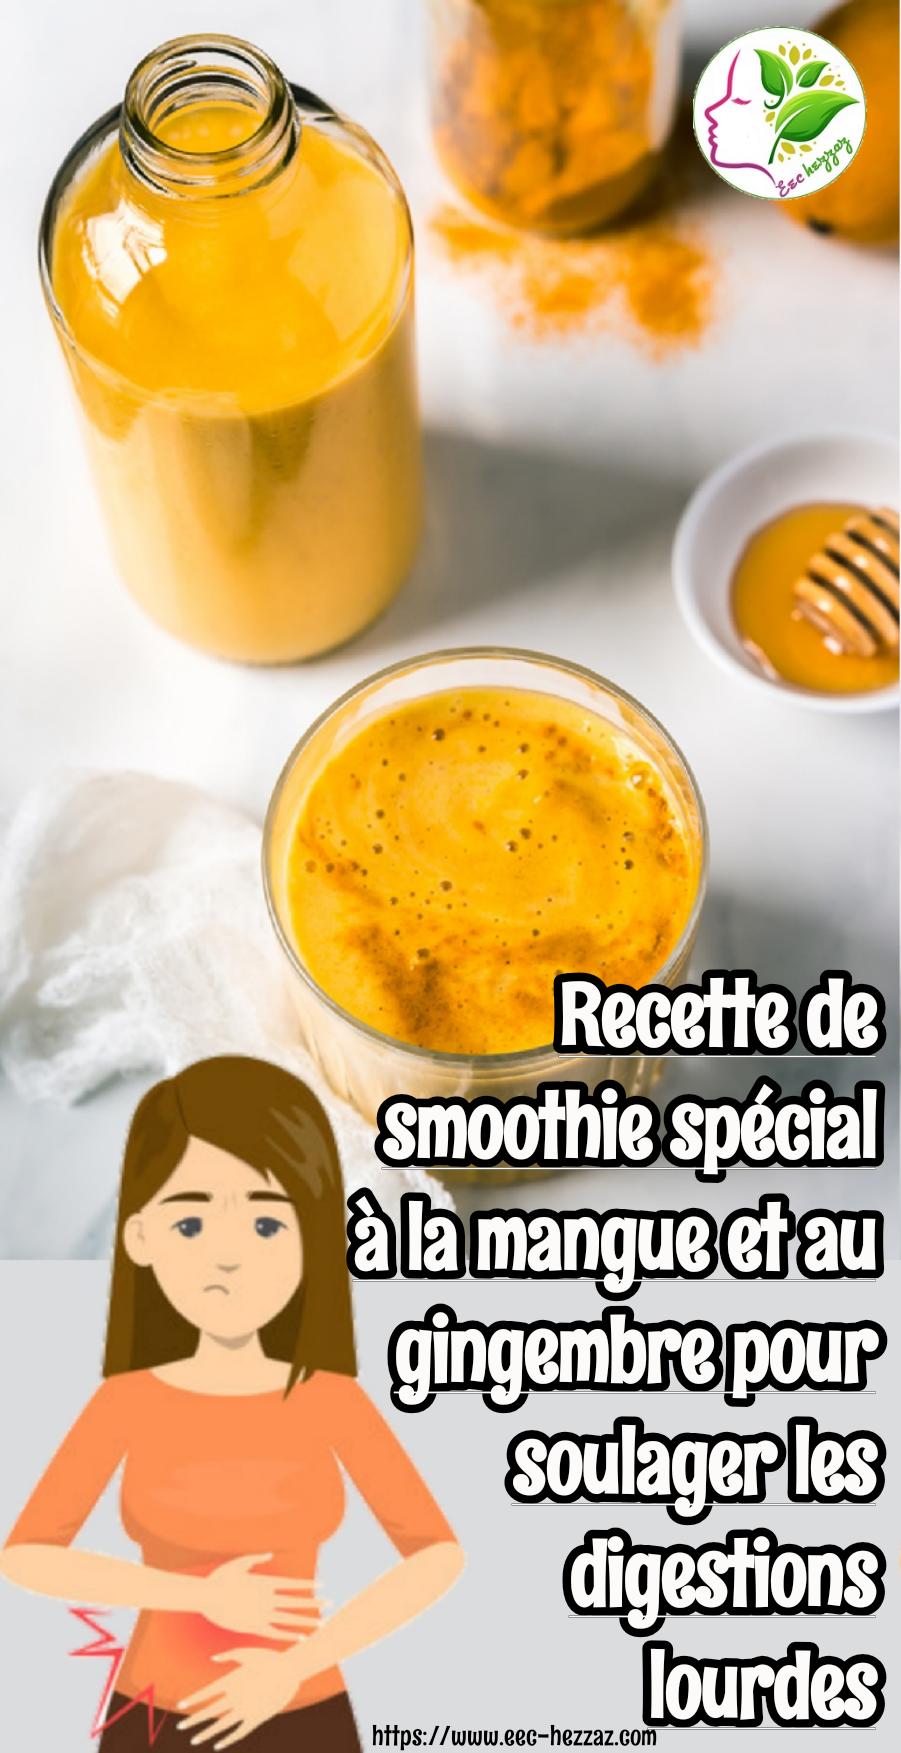 Recette de smoothie spécial à la mangue et au gingembre pour soulager les digestions lourdes